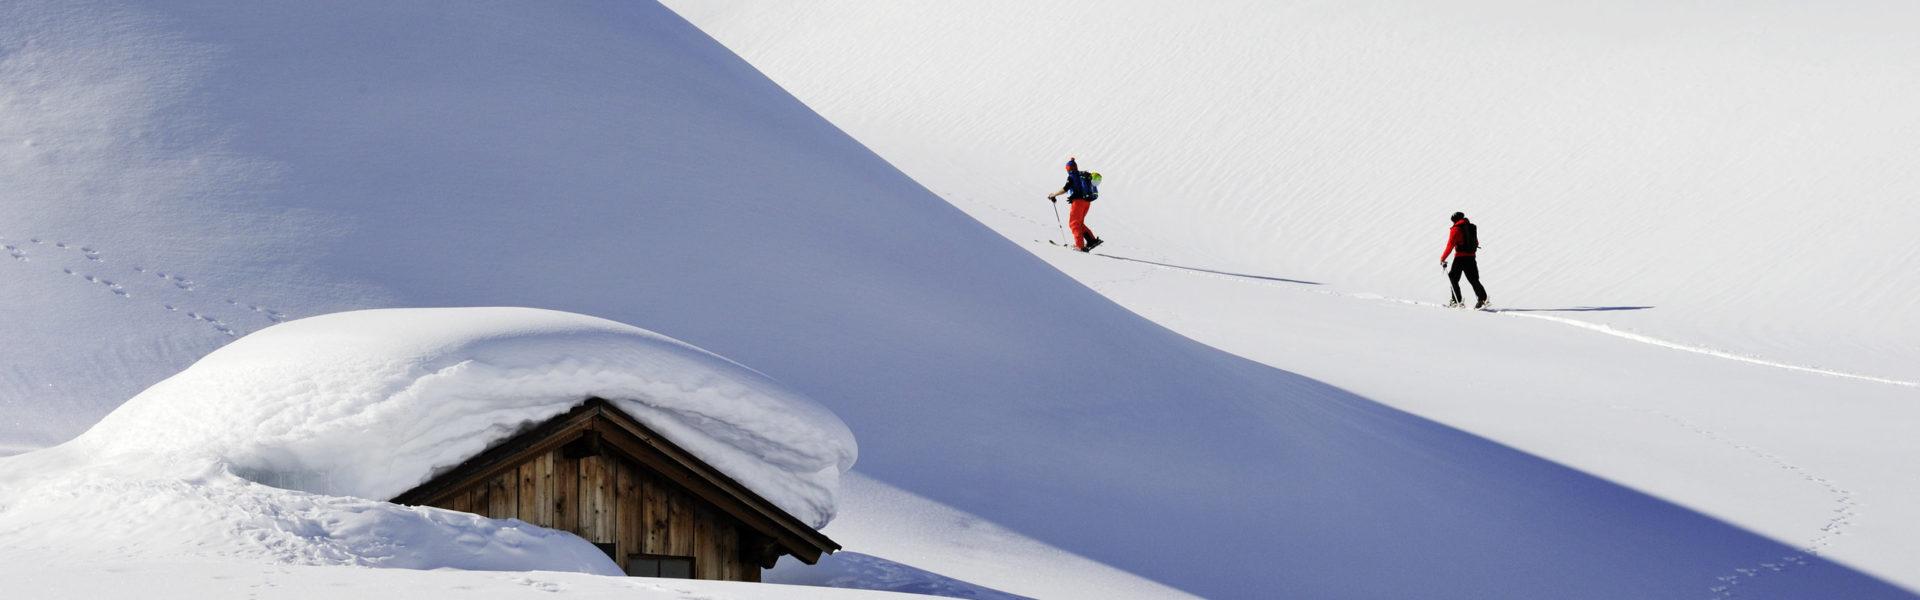 Skitour am Arlberg (c) Vorarlberg Tourismus